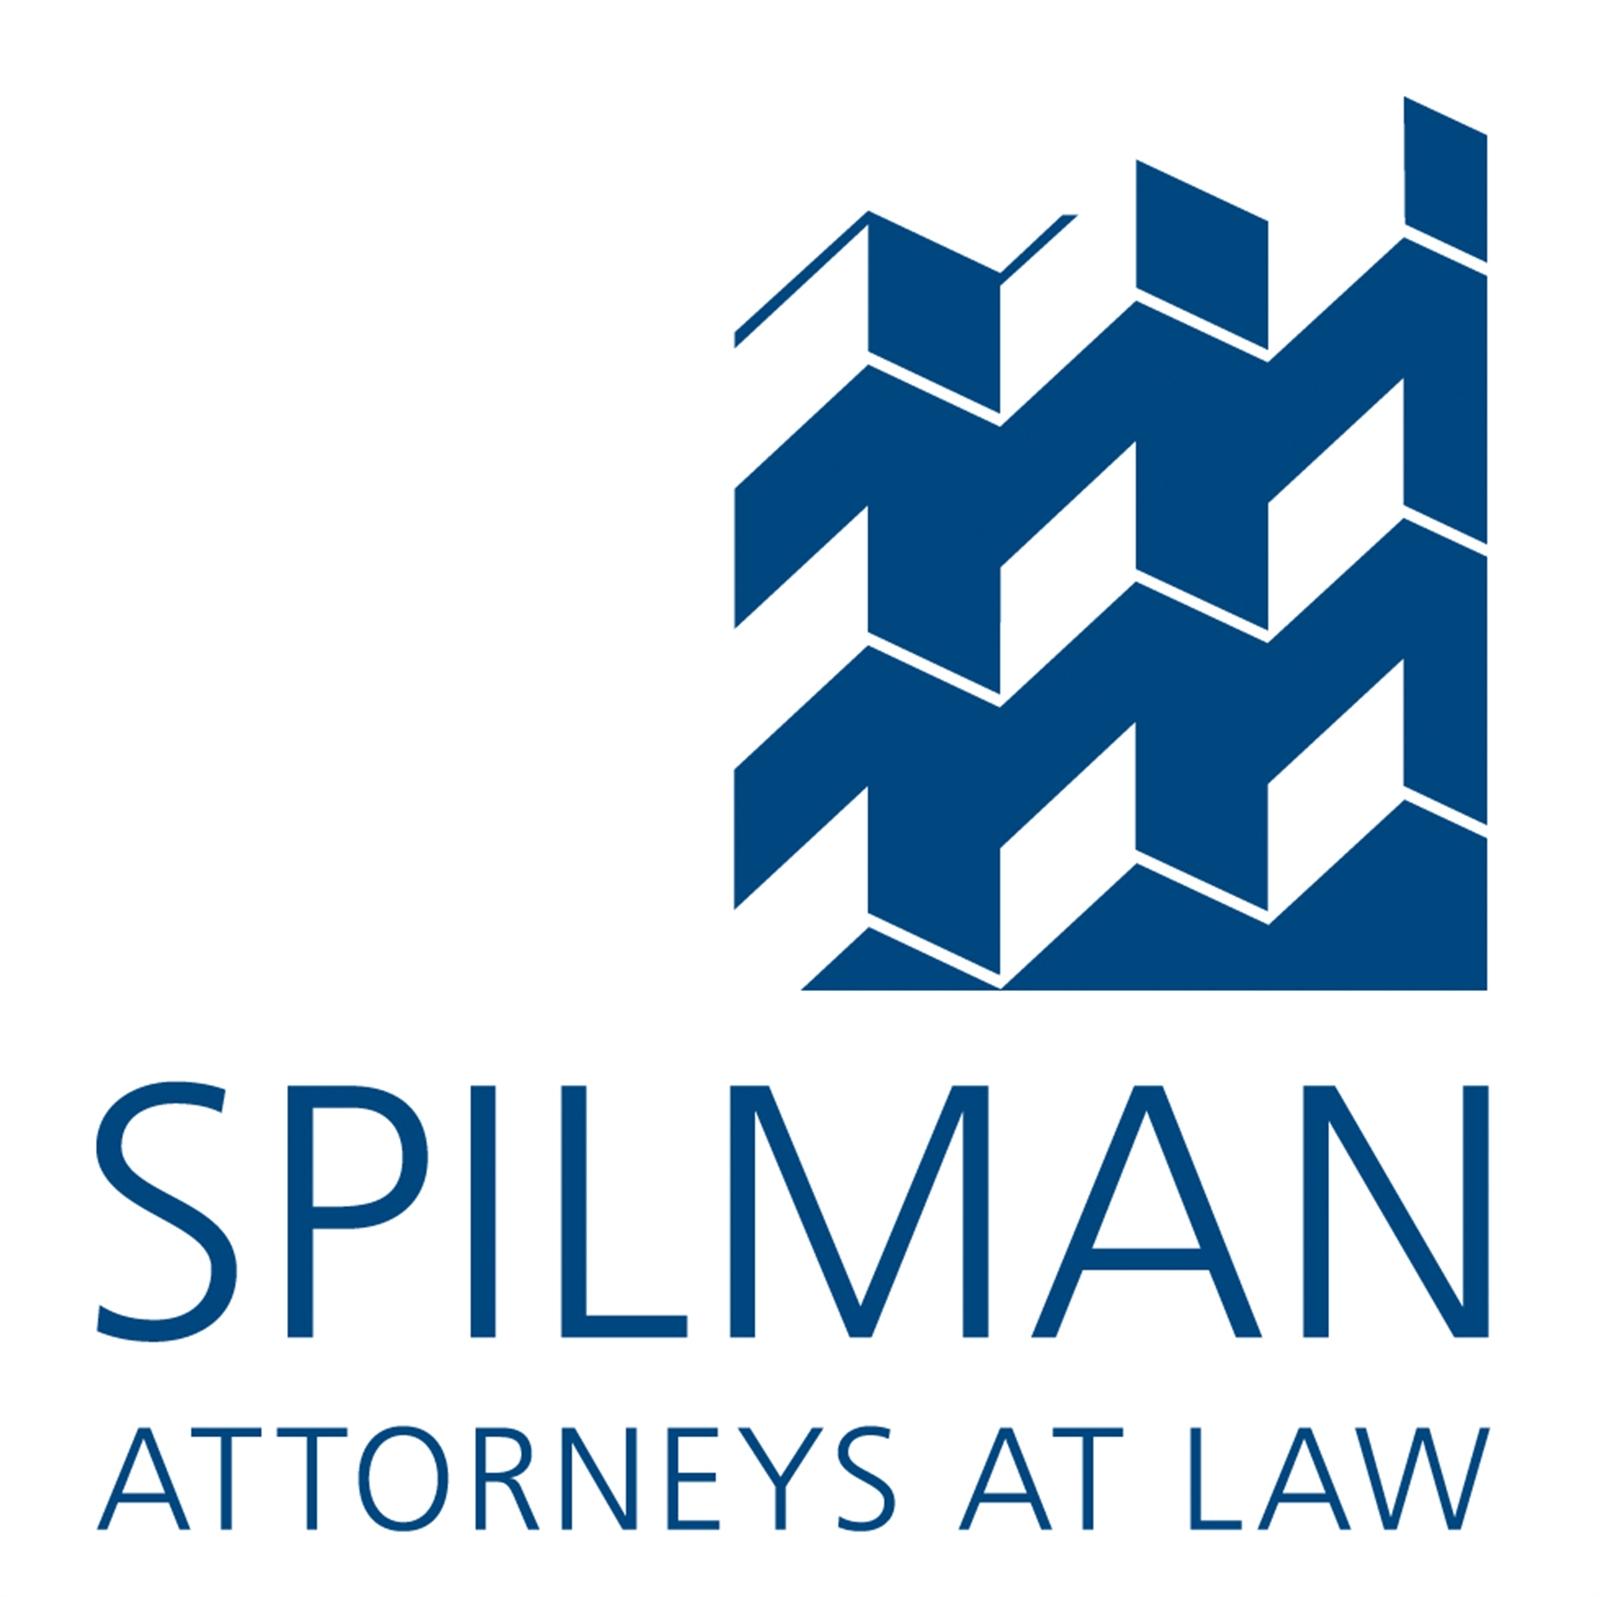 news supreme court decisions lawsuitsaspx